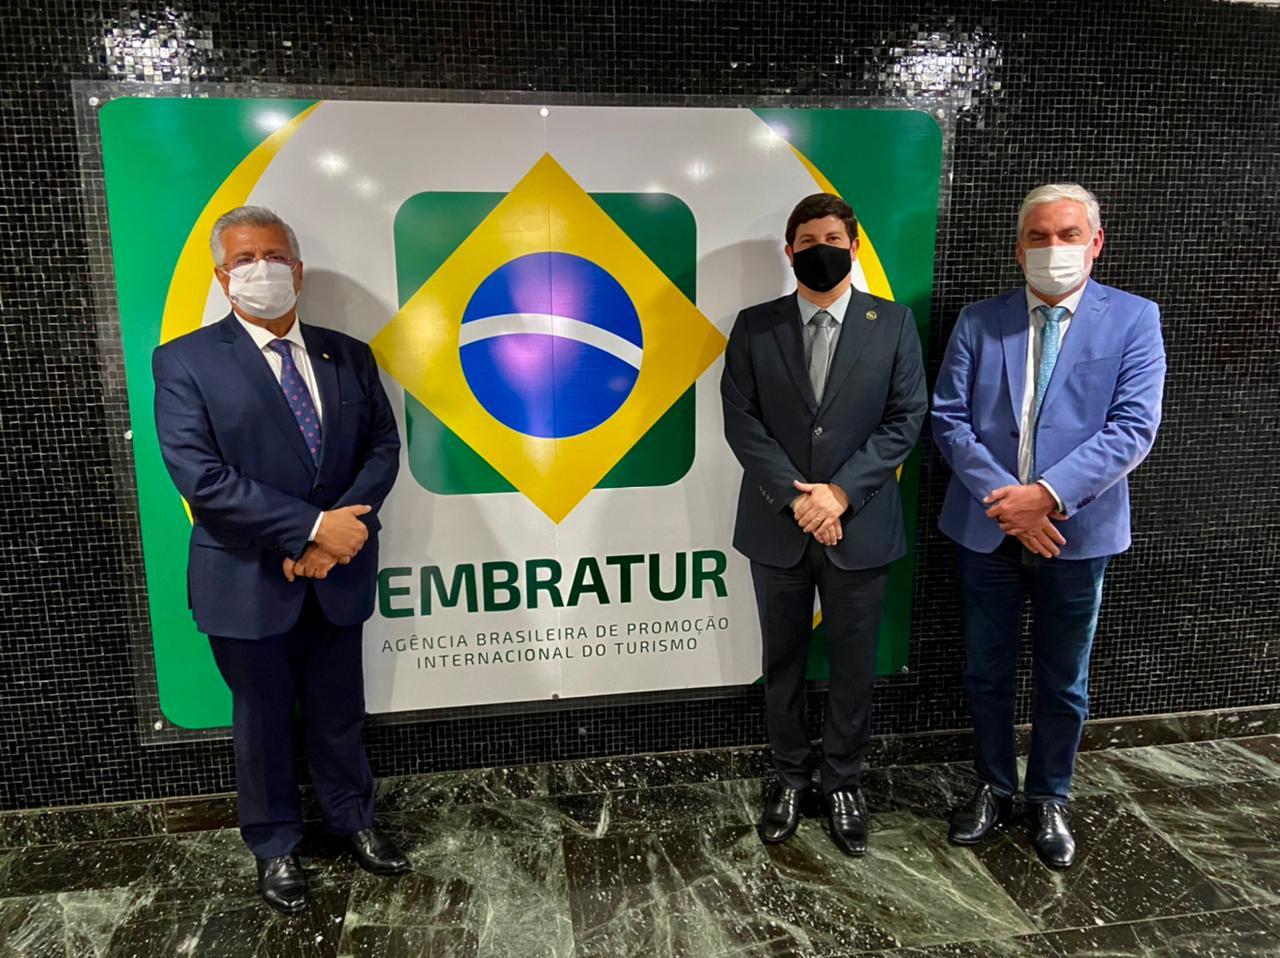 """Bacelar defende modernização da """"Marca Brasil"""" para posicionar a imagem do Brasil internacionalmente em reunião na Embratur"""